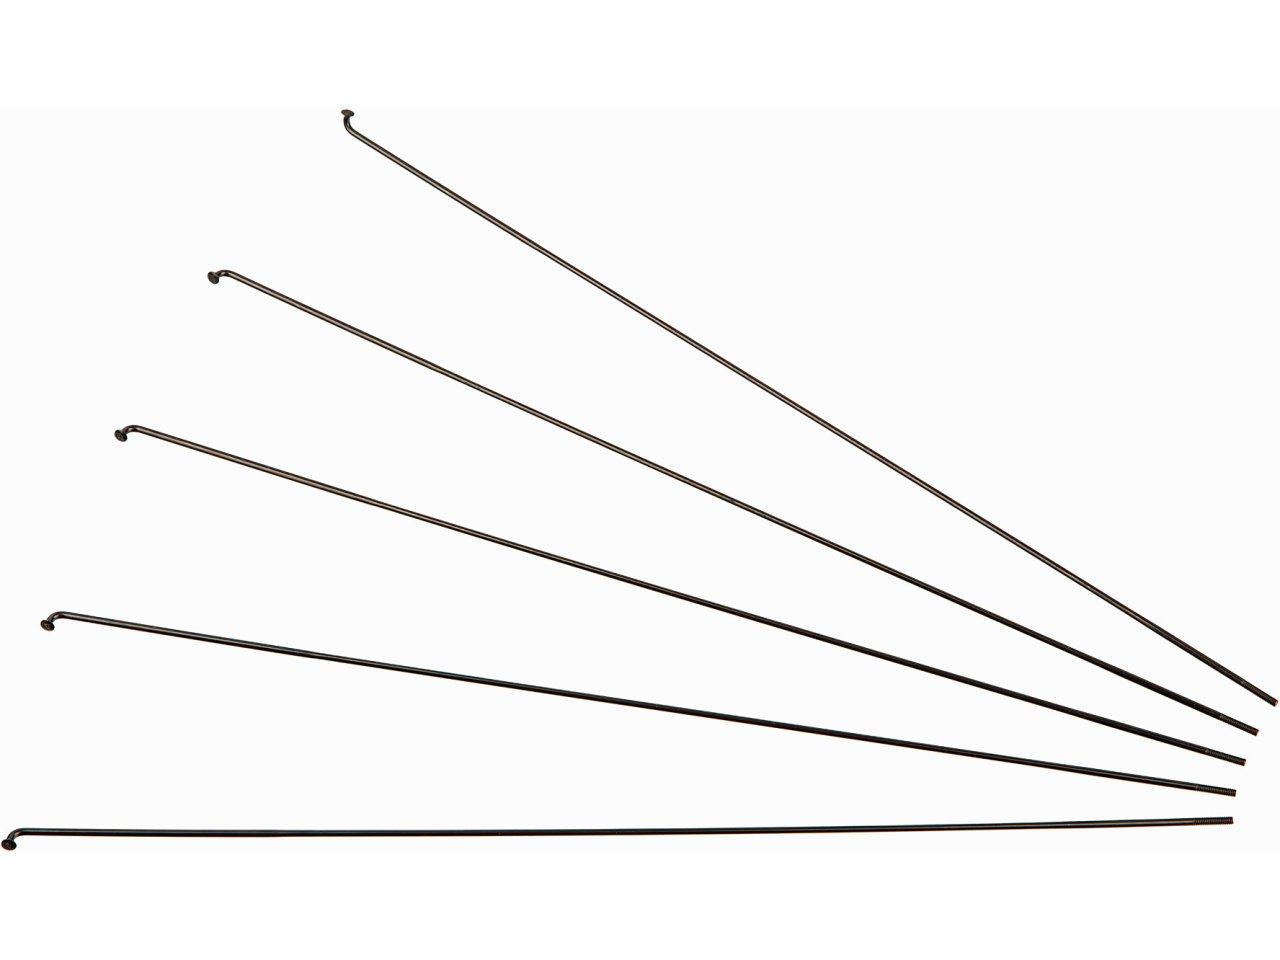 DT Swiss Speiche Competition 2.0 x 1.8 x 2.0 272 mm weiß 72 Stück